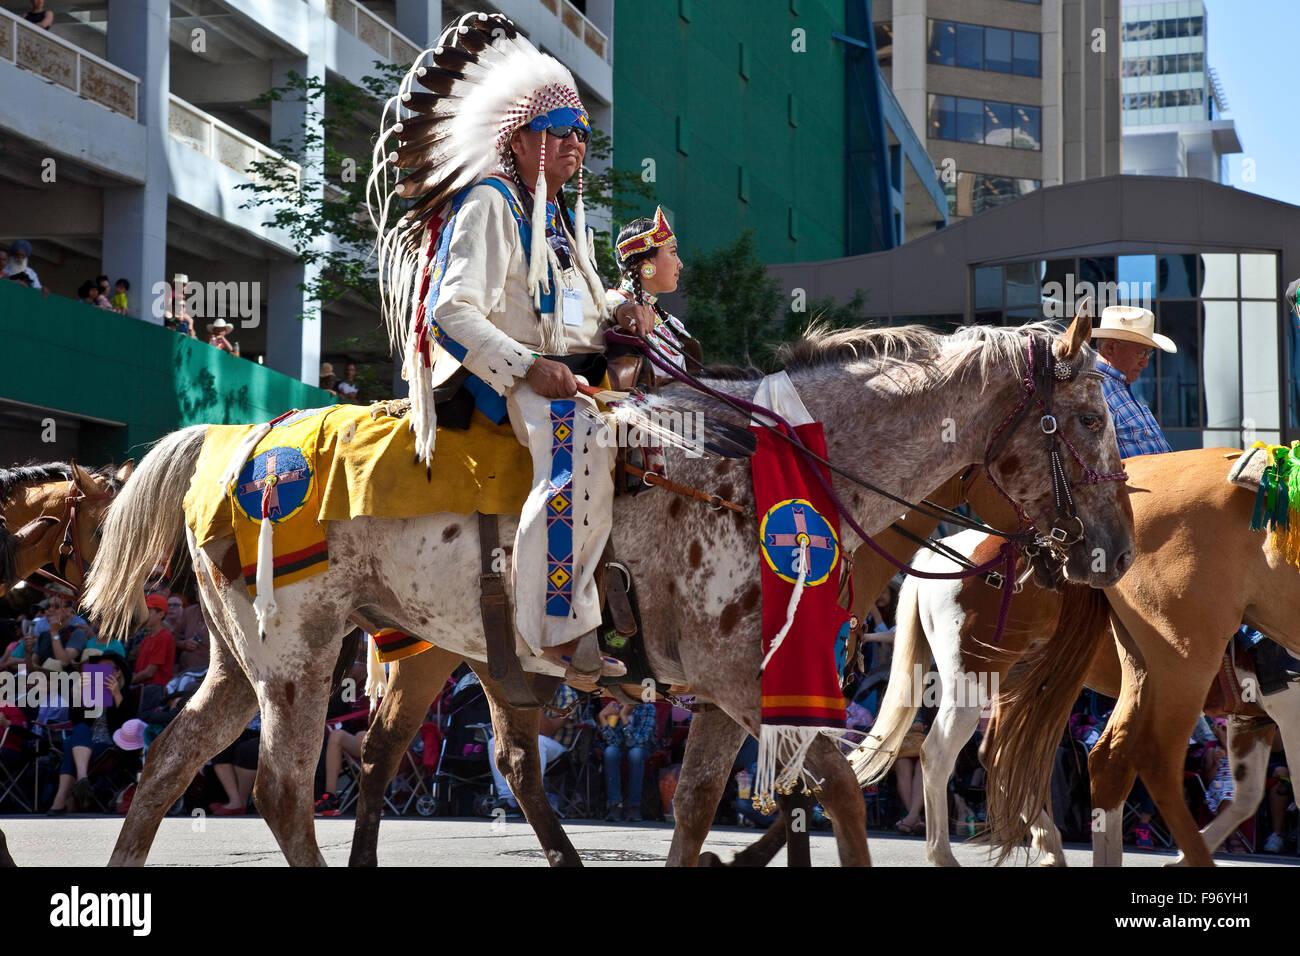 2015 Calgary Stampede Parade, Calgary, Alberta, Canadá. Imagen De Stock